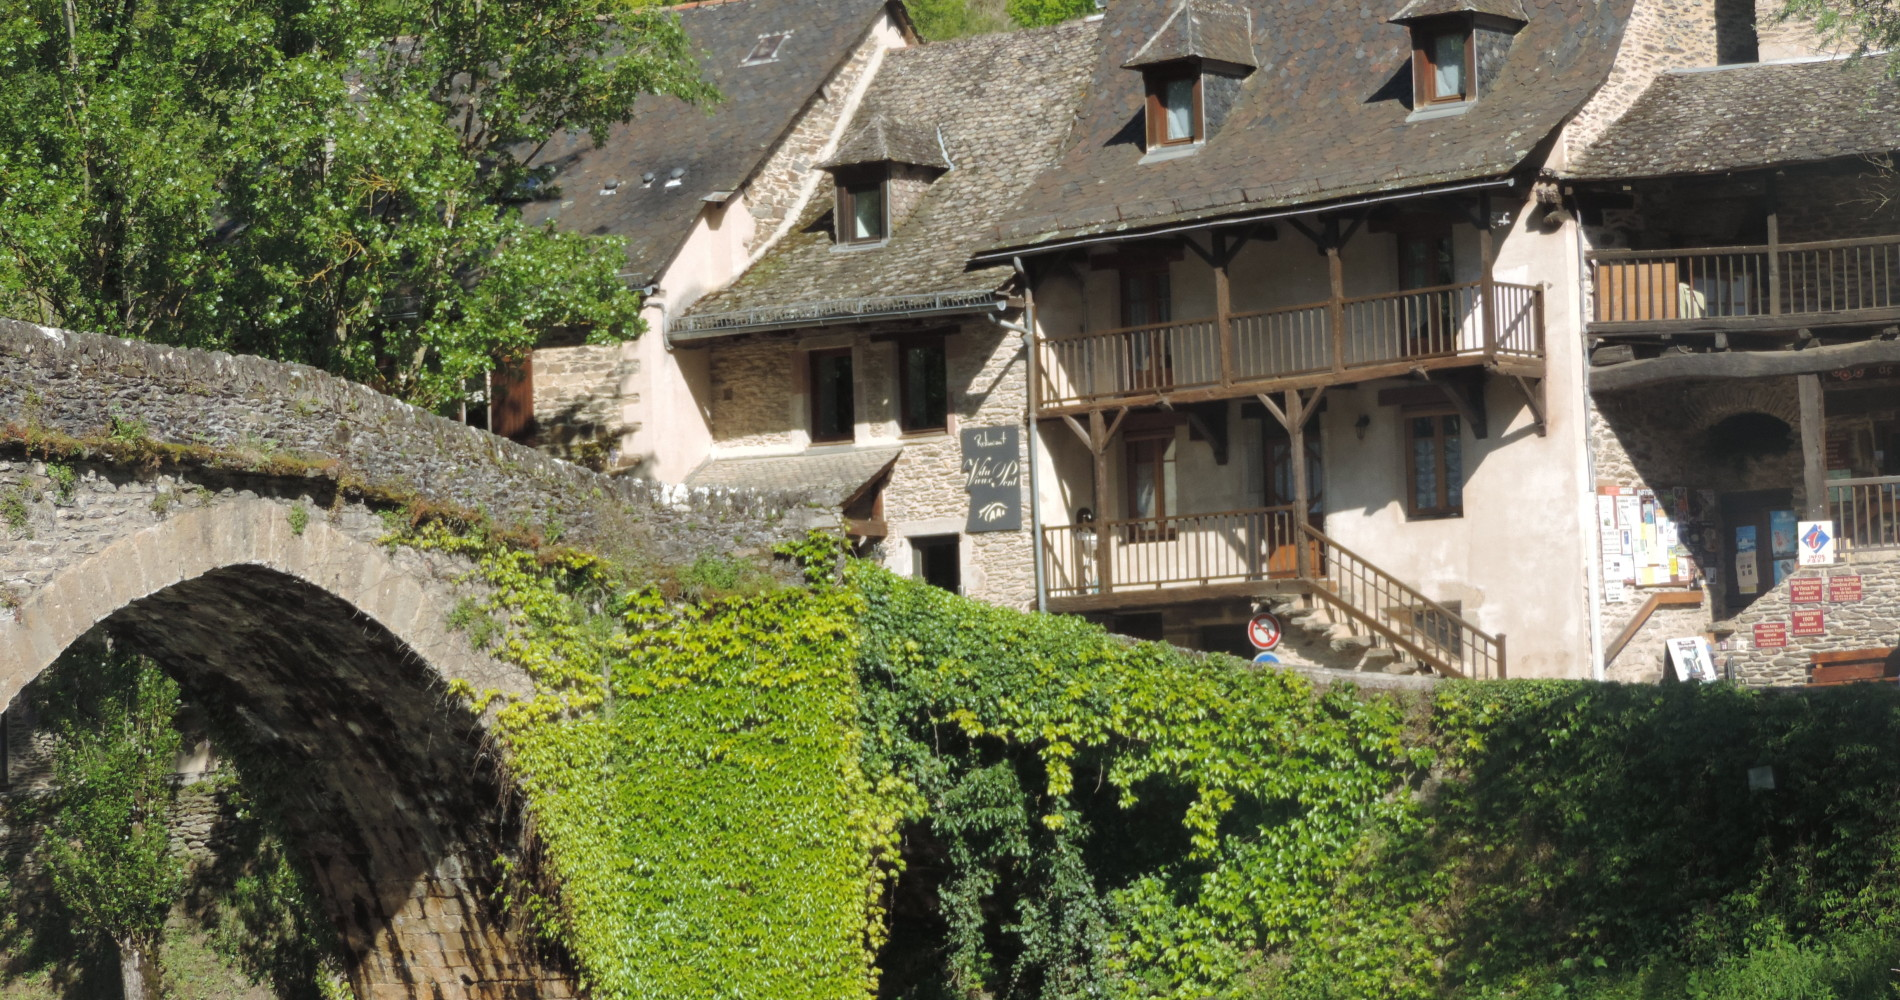 Restaurant Gastronomique Du Vieux Pont Aveyron 12  Etoil U00e9